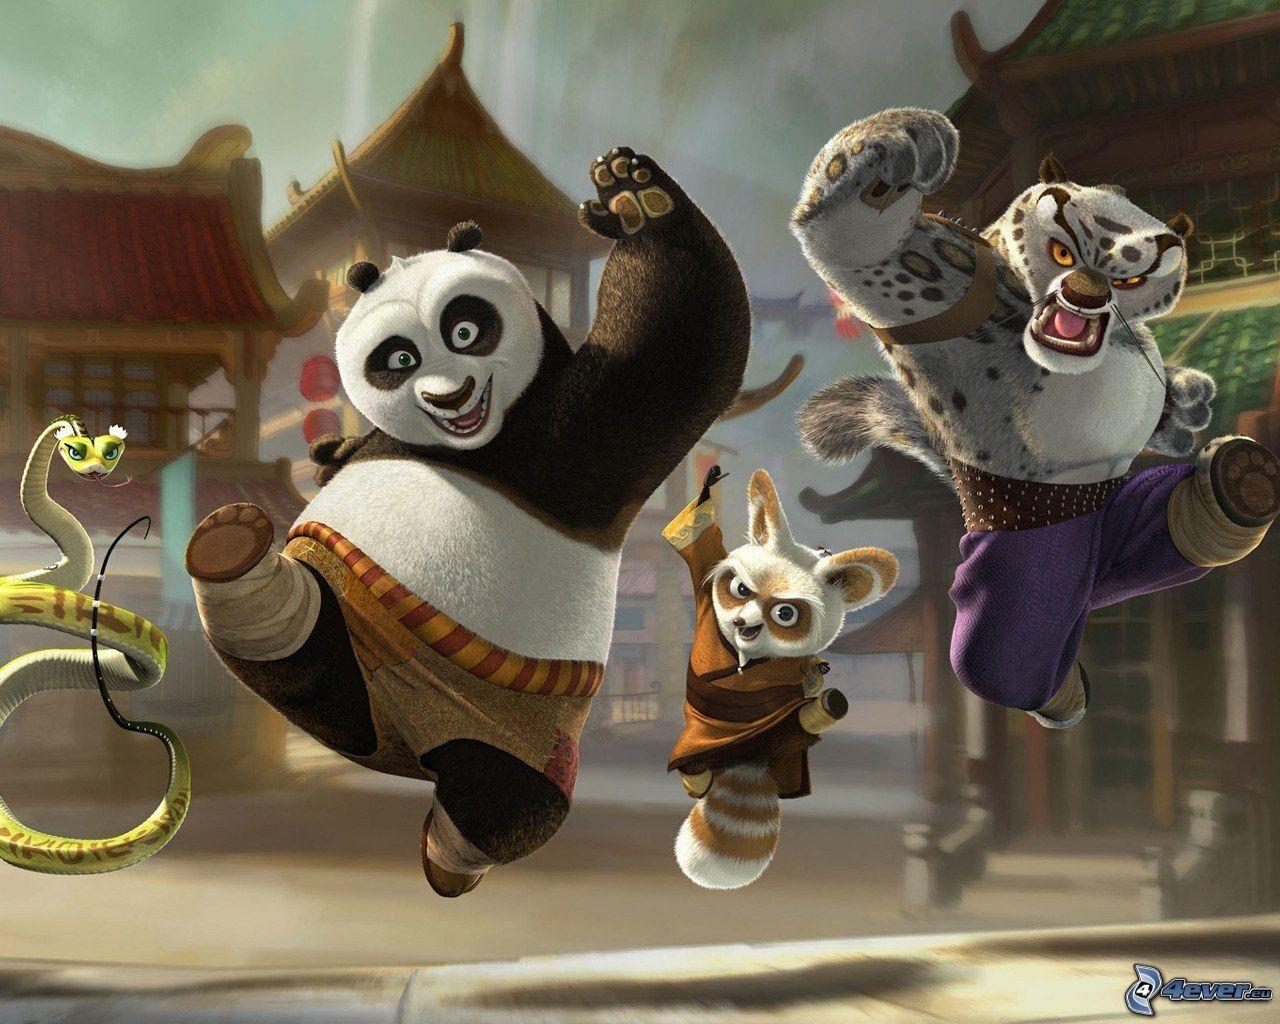 Kung fu panda tiger - photo#20